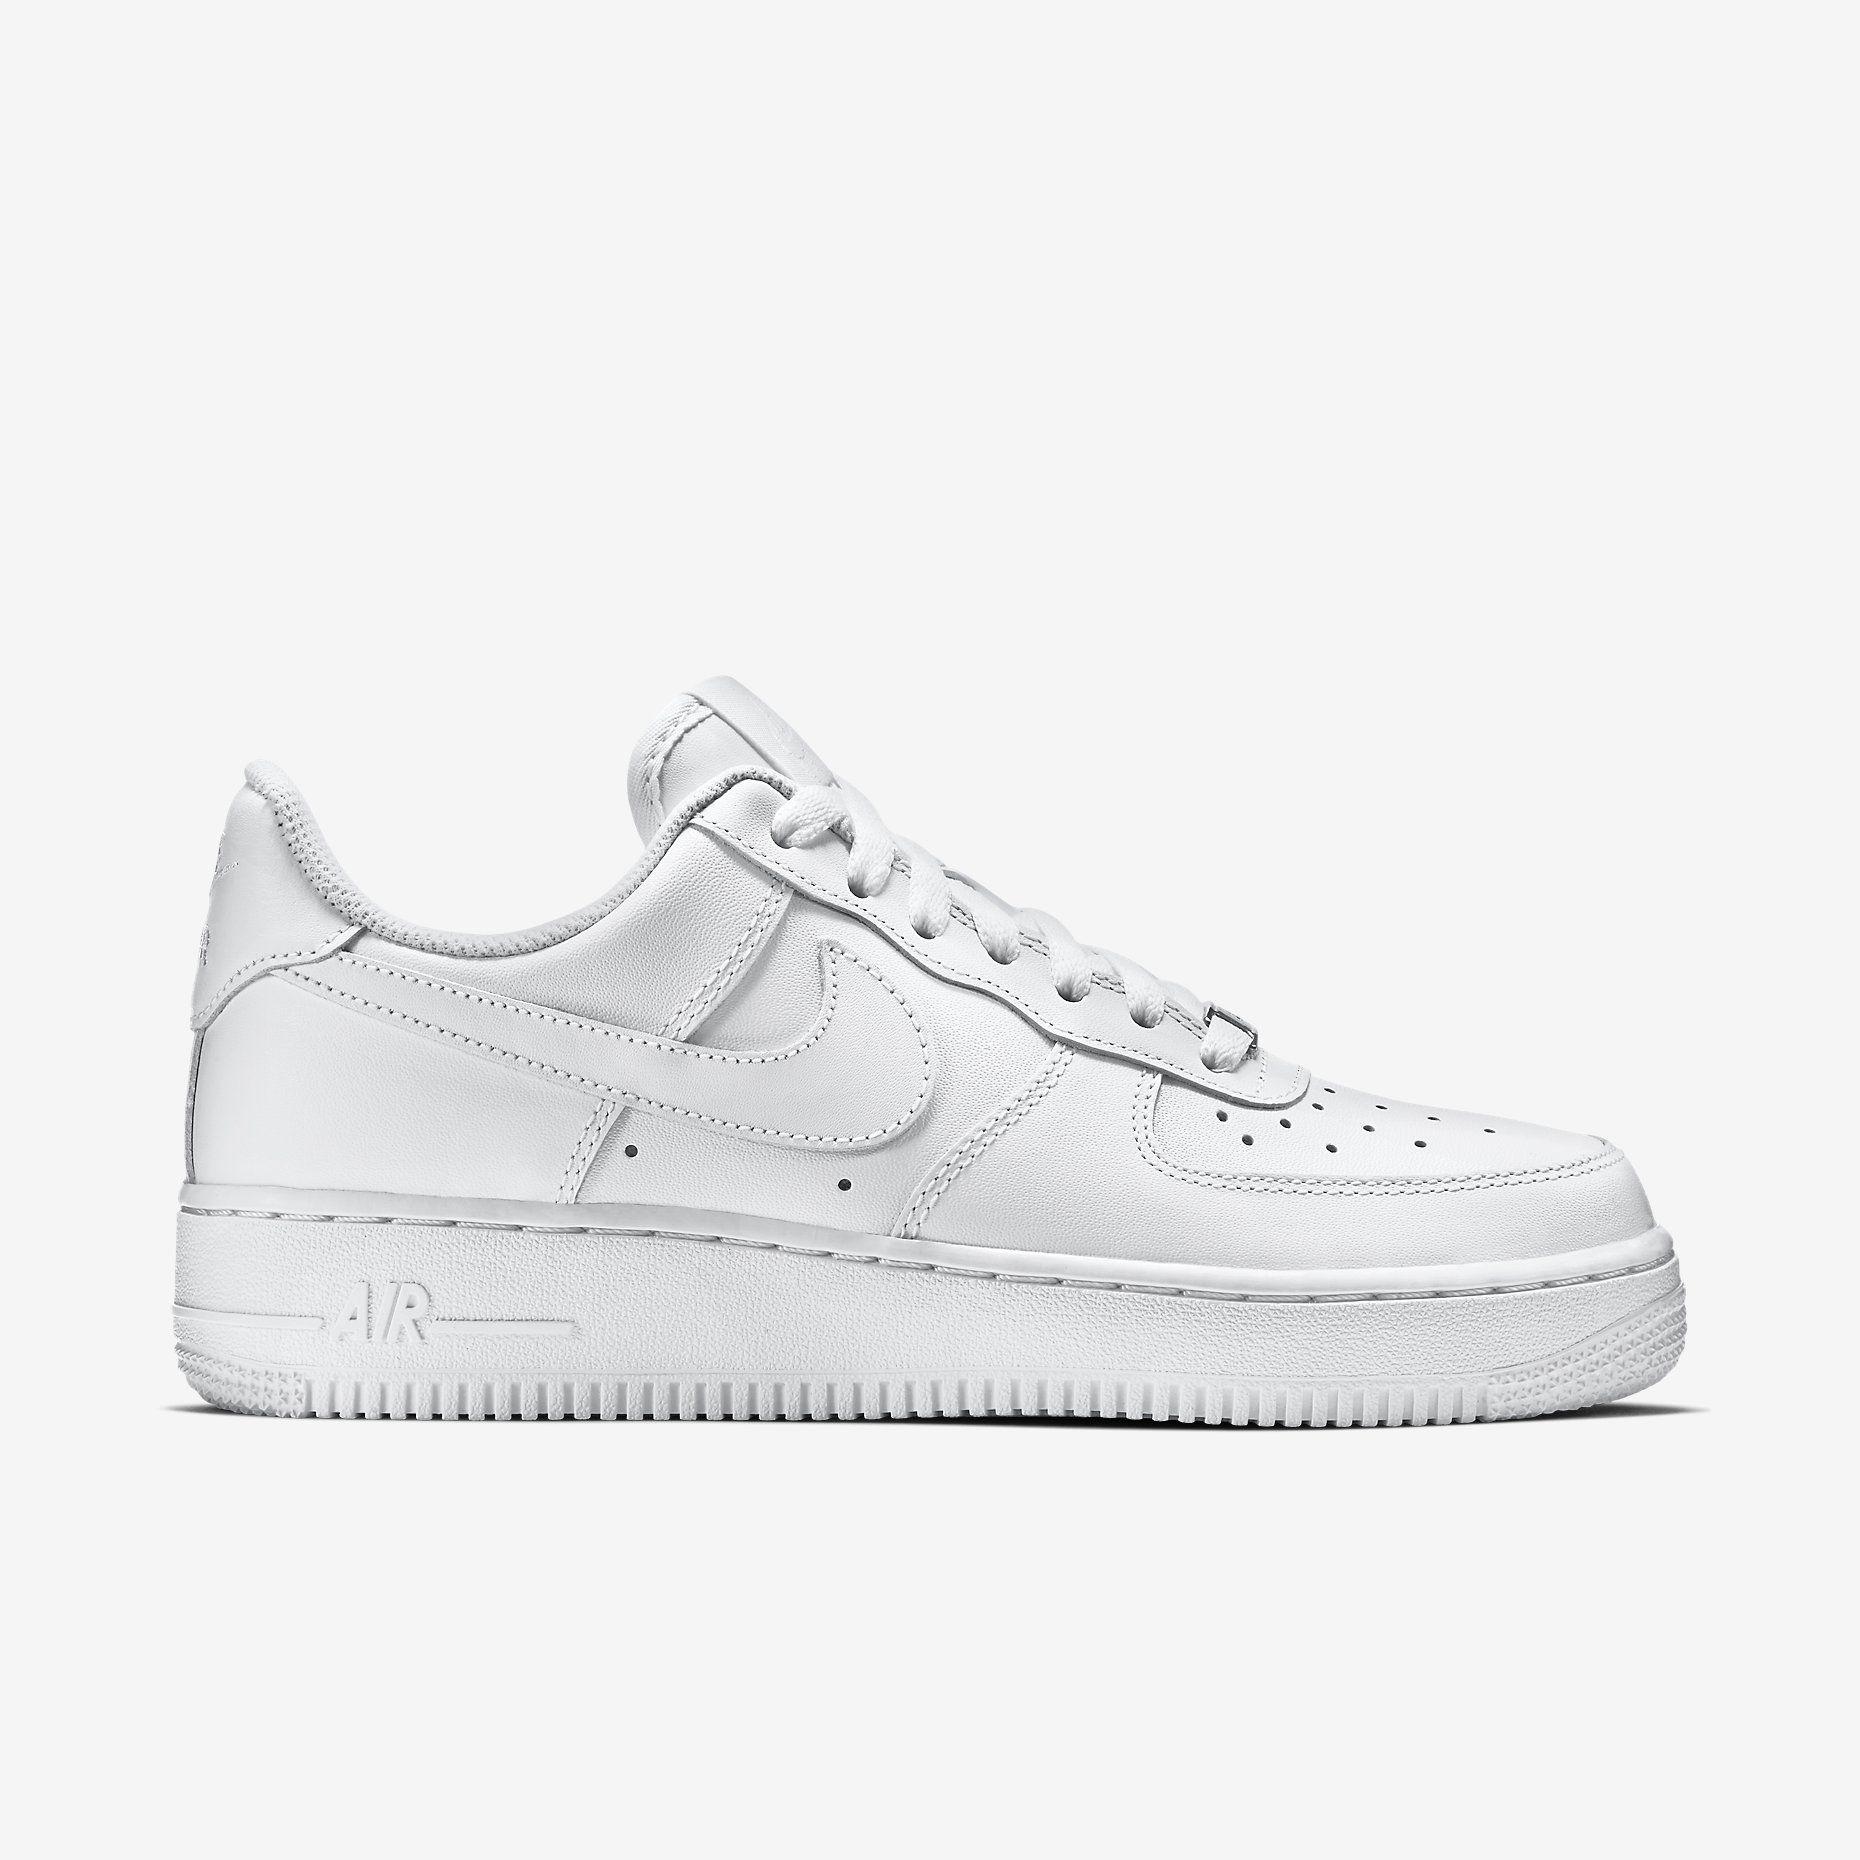 nike air force 1 07 mujer blancas